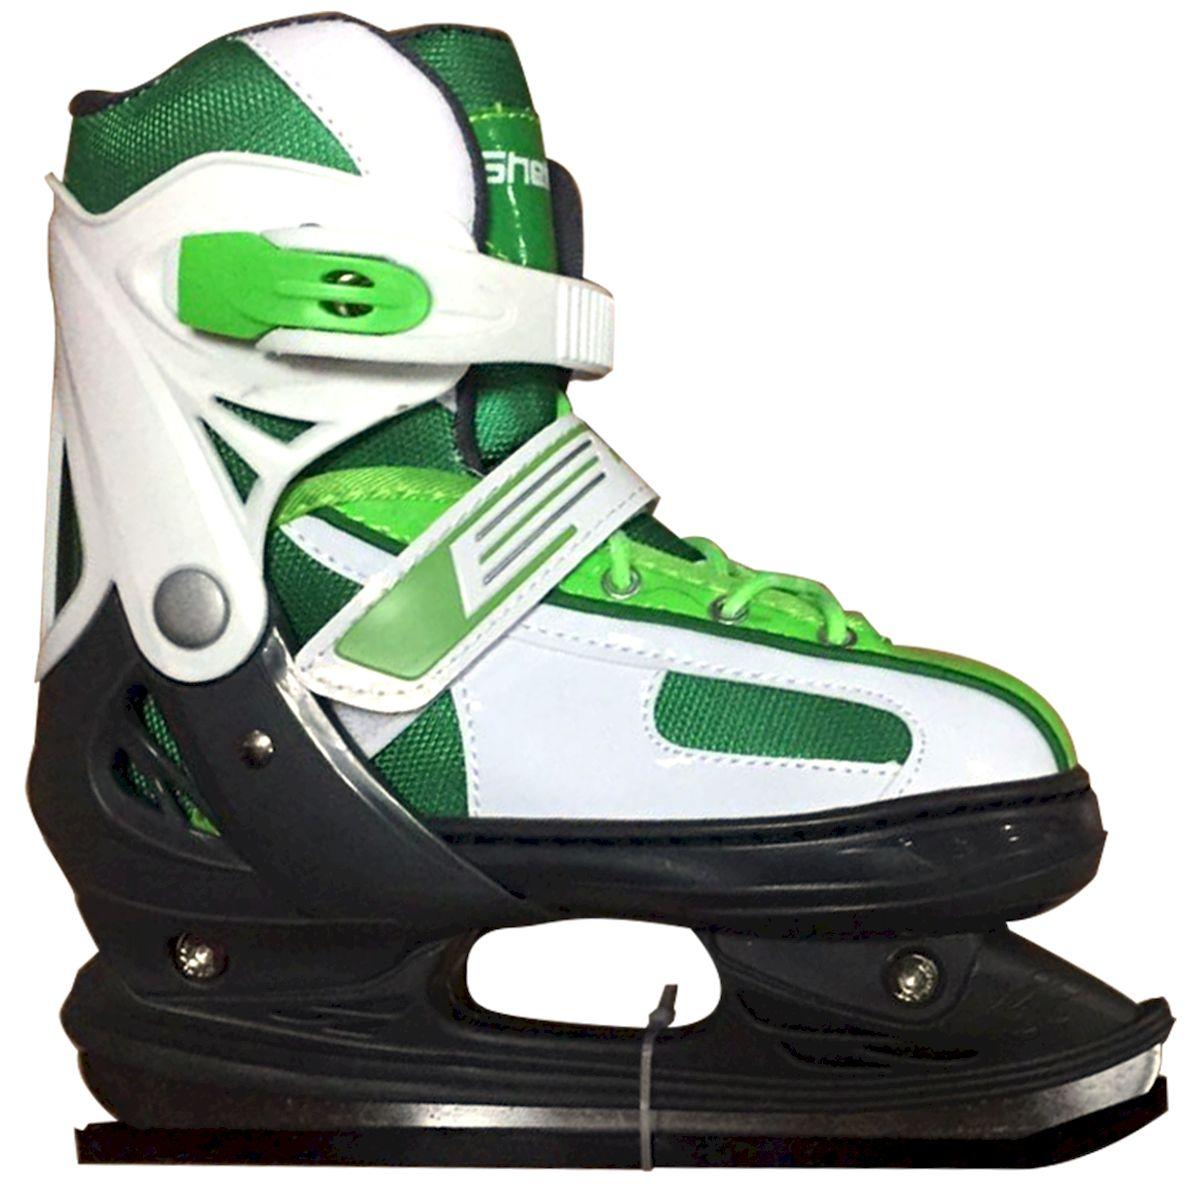 Коньки раздвижные Ice Blade Shelby, цвет: черный, зеленый, белый. УТ-00009127. Размер M (34/37)УТ-00009127Коньки раздвижные Shelby - это классические раздвижные коньки от известного бренда Ice Blade, которые предназначены для детей и подростков, а также для тех, кто делает первые шаги в катании на льду. Коньки имеют яркий молодежный дизайн, теплый внутренний сапожок, удобная трехуровневая система фиксации ноги, легкая смена размера, надежная защита пятки и носка - все это бесспорные преимущества модели. Коньки поставляются с заводской заточкой лезвия, что позволяет сразу приступить к катанию и не тратить денег на заточку. Предназначены для использования на открытом и закрытом льду. Характеристики: Тип фиксации: клипса с фиксатором, липучка, шнурки Материал ботинка: морозостойкий пластик Внутренняя отделка: теплый текстильный материал Лезвие: выполнено из высокоуглеродистой стали с покрытием из никеля Упаковка: удобная сумка